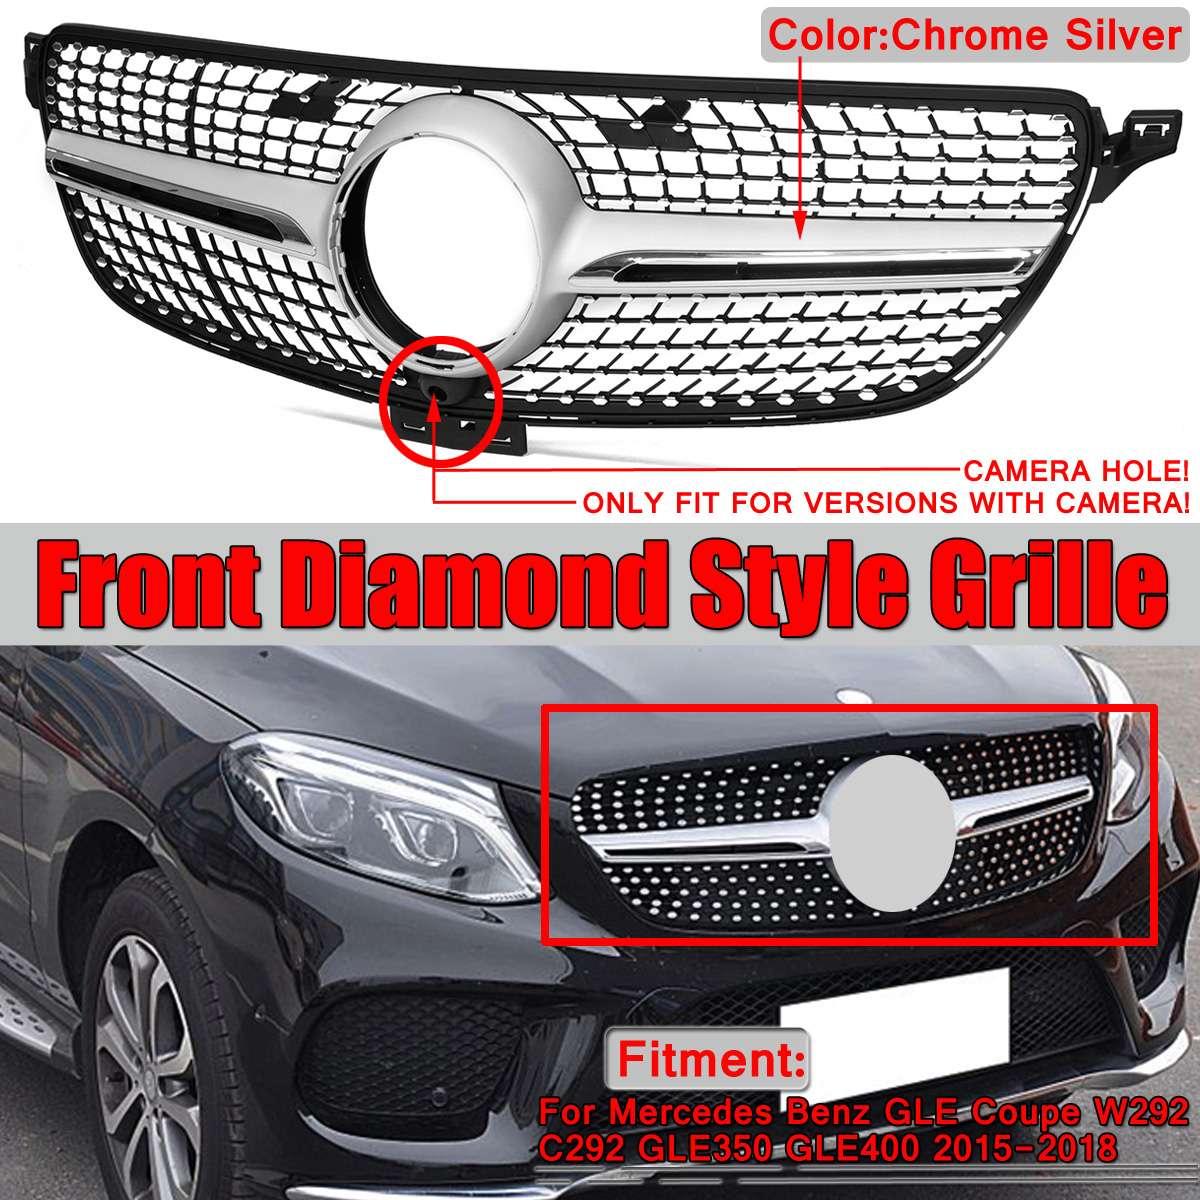 Grille de calandre avant de voiture pour Mercedes pour Benz GLE pour Coupe Sport W292 C292 GLE350 GLE400 2015-2018 Grille de diamant W292 et caméra